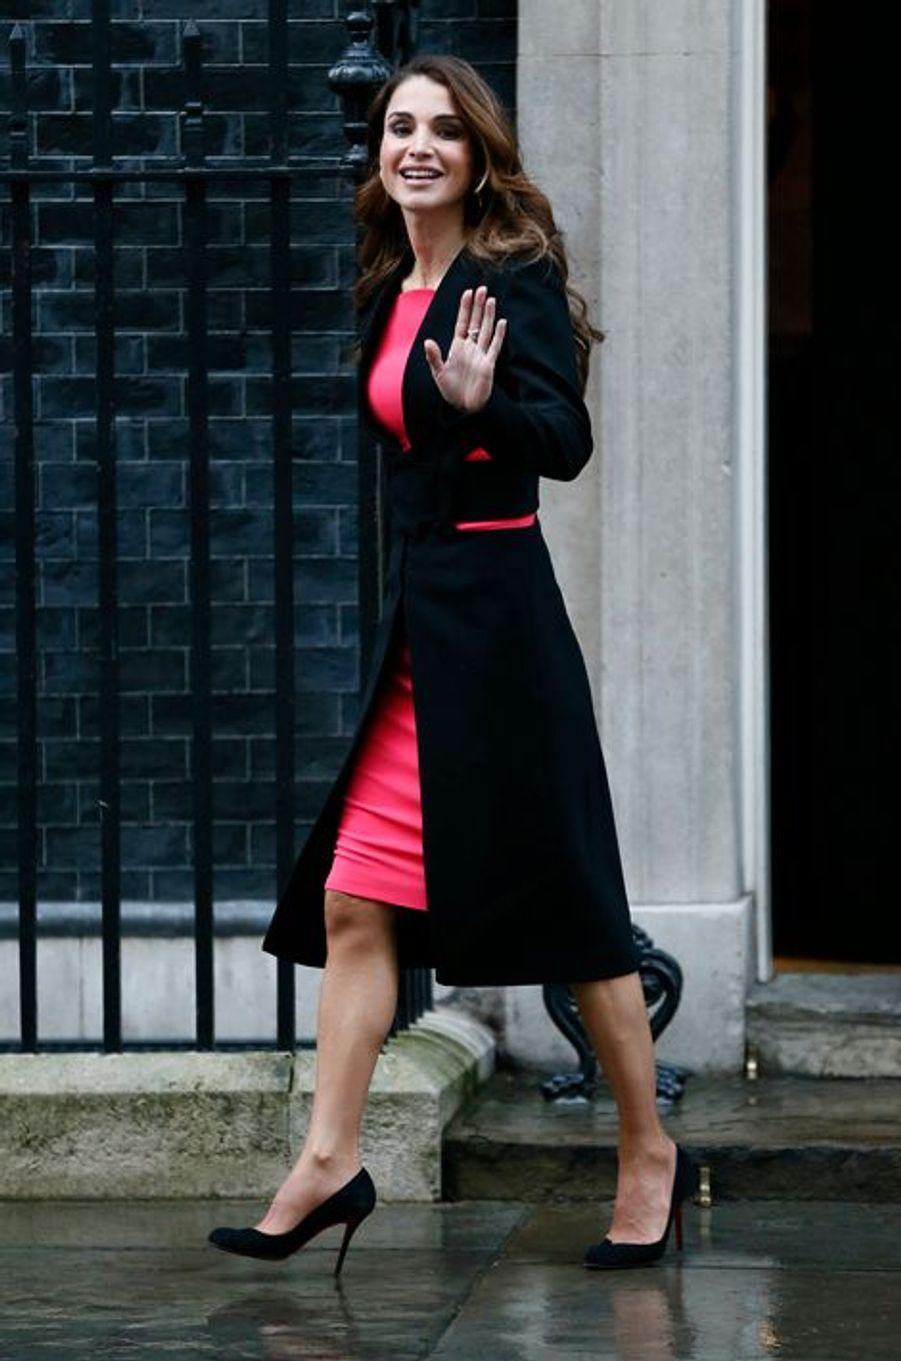 Ce vendredi 8 janvier,Raniaétait à Londres. Très élégante comme de coutume,la reine de Jordanieavait rendez-vous au 10 Downing Street pour évoquer la crise des réfugiés syriens avec le Premier ministre britannique David Cameron.Chaque dimanche, le Royal Blog de Paris Match vous propose de voir ou revoir les plus belles photographies de la semaine royale.